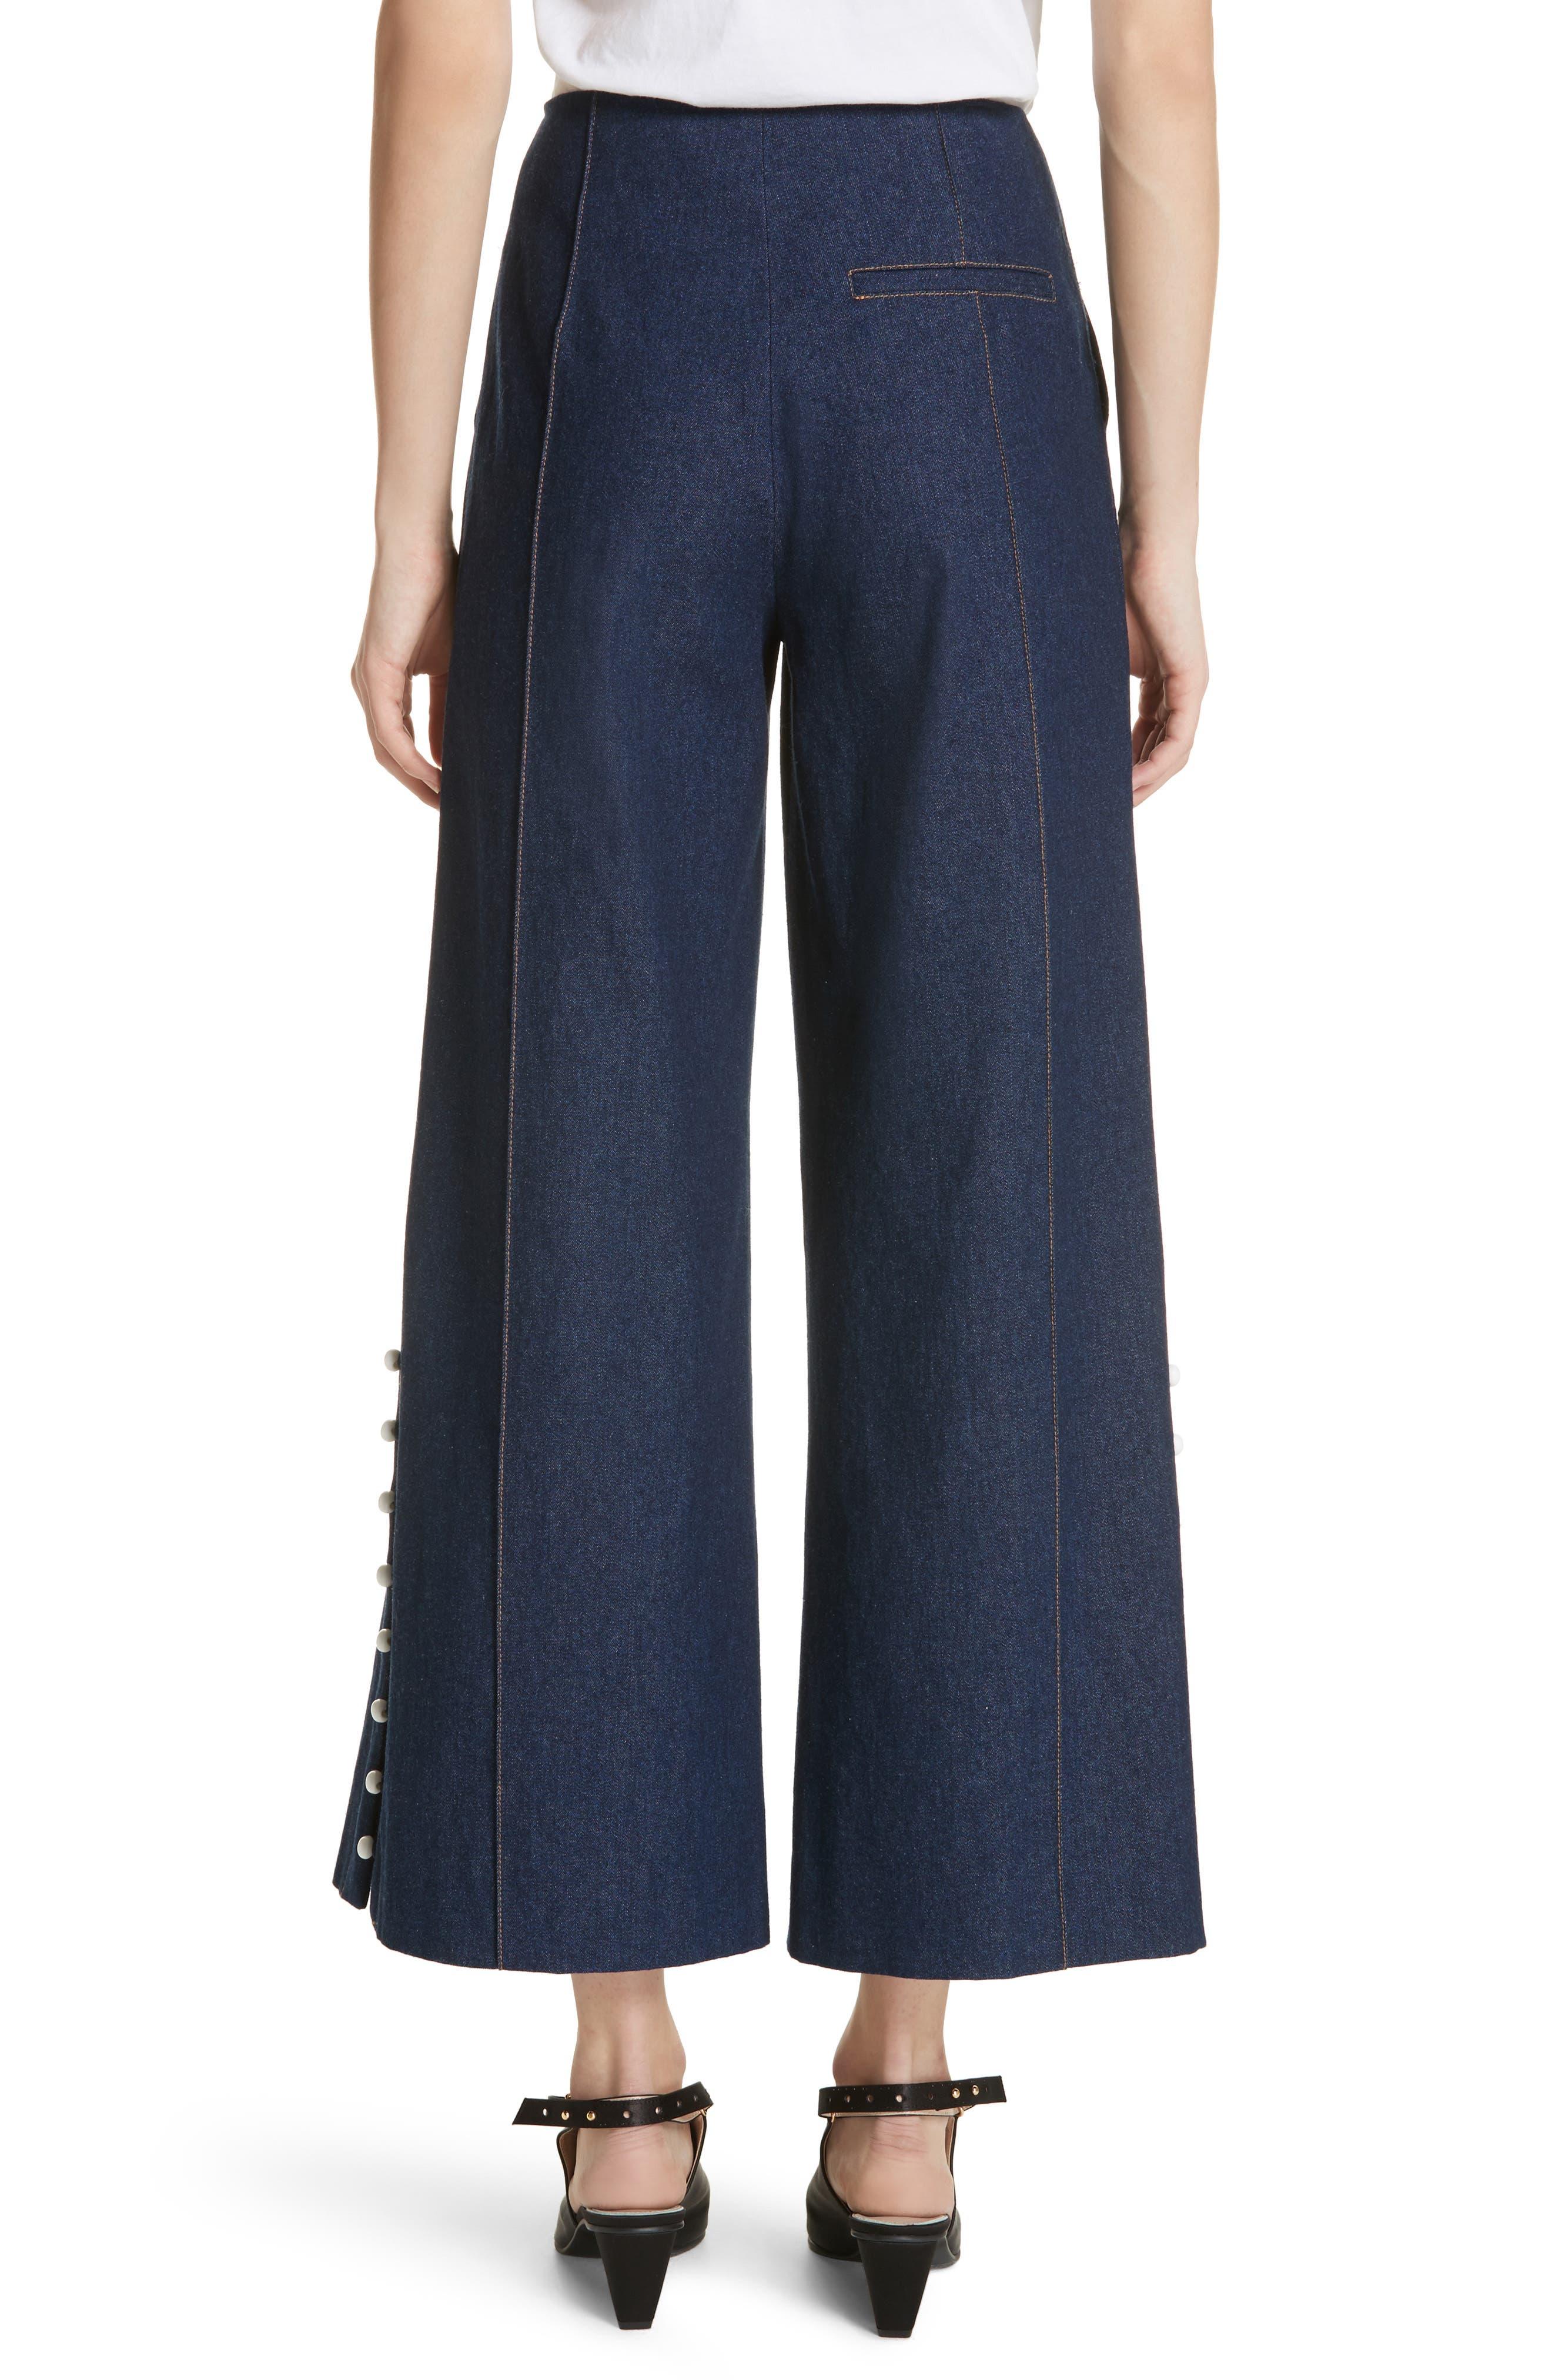 Dune Imitation Pearl Trim Wide Leg Crop Jeans,                             Alternate thumbnail 2, color,                             400